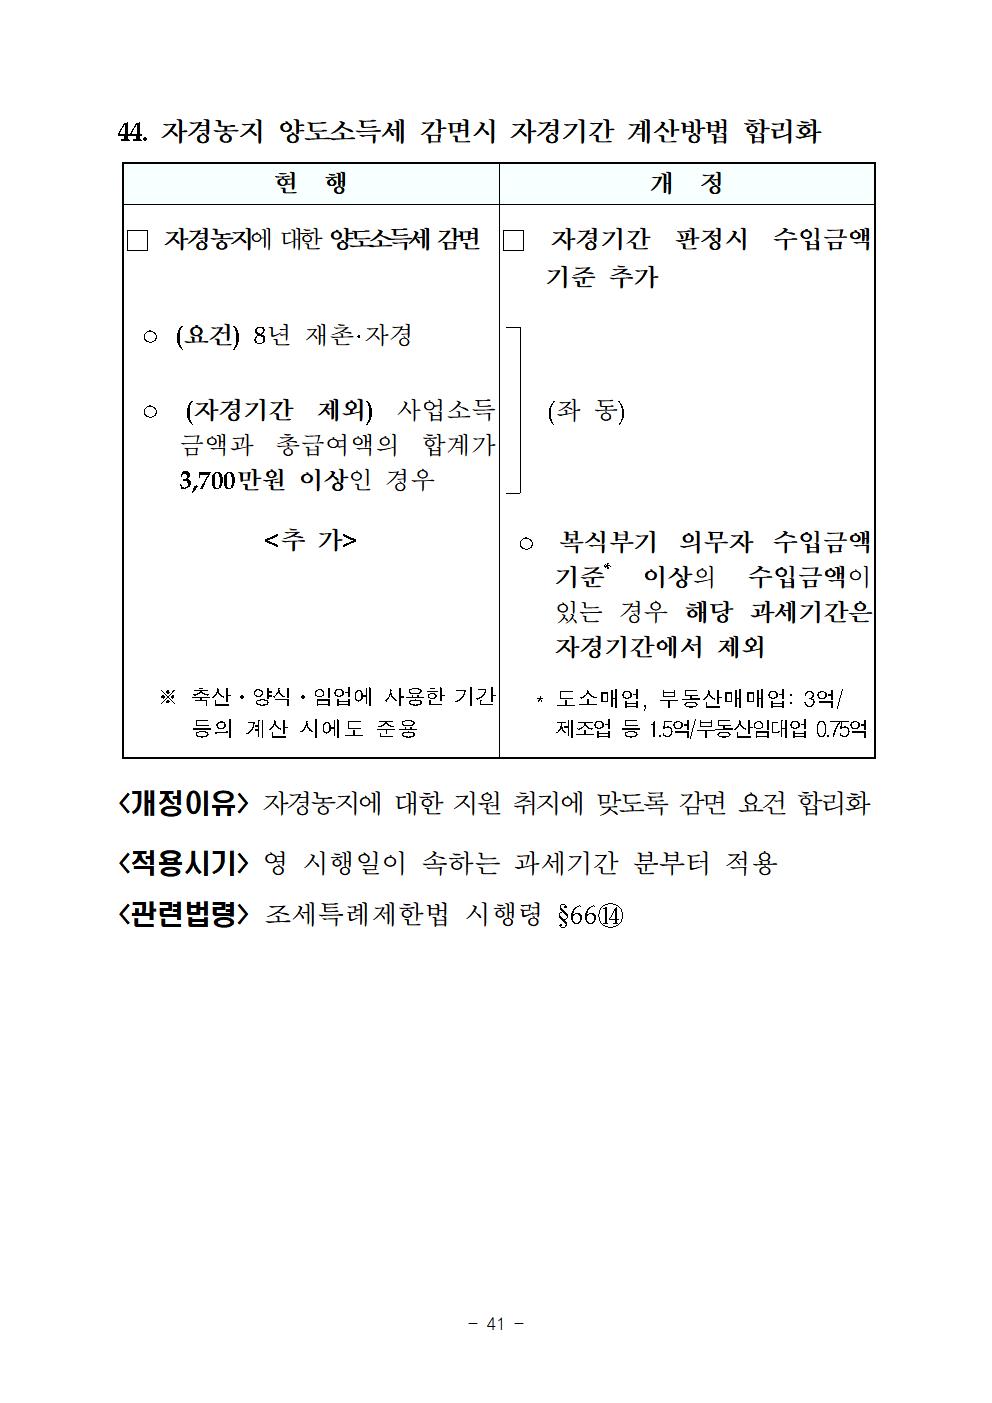 2019년세법개정내용(양도소득세분야)046.png